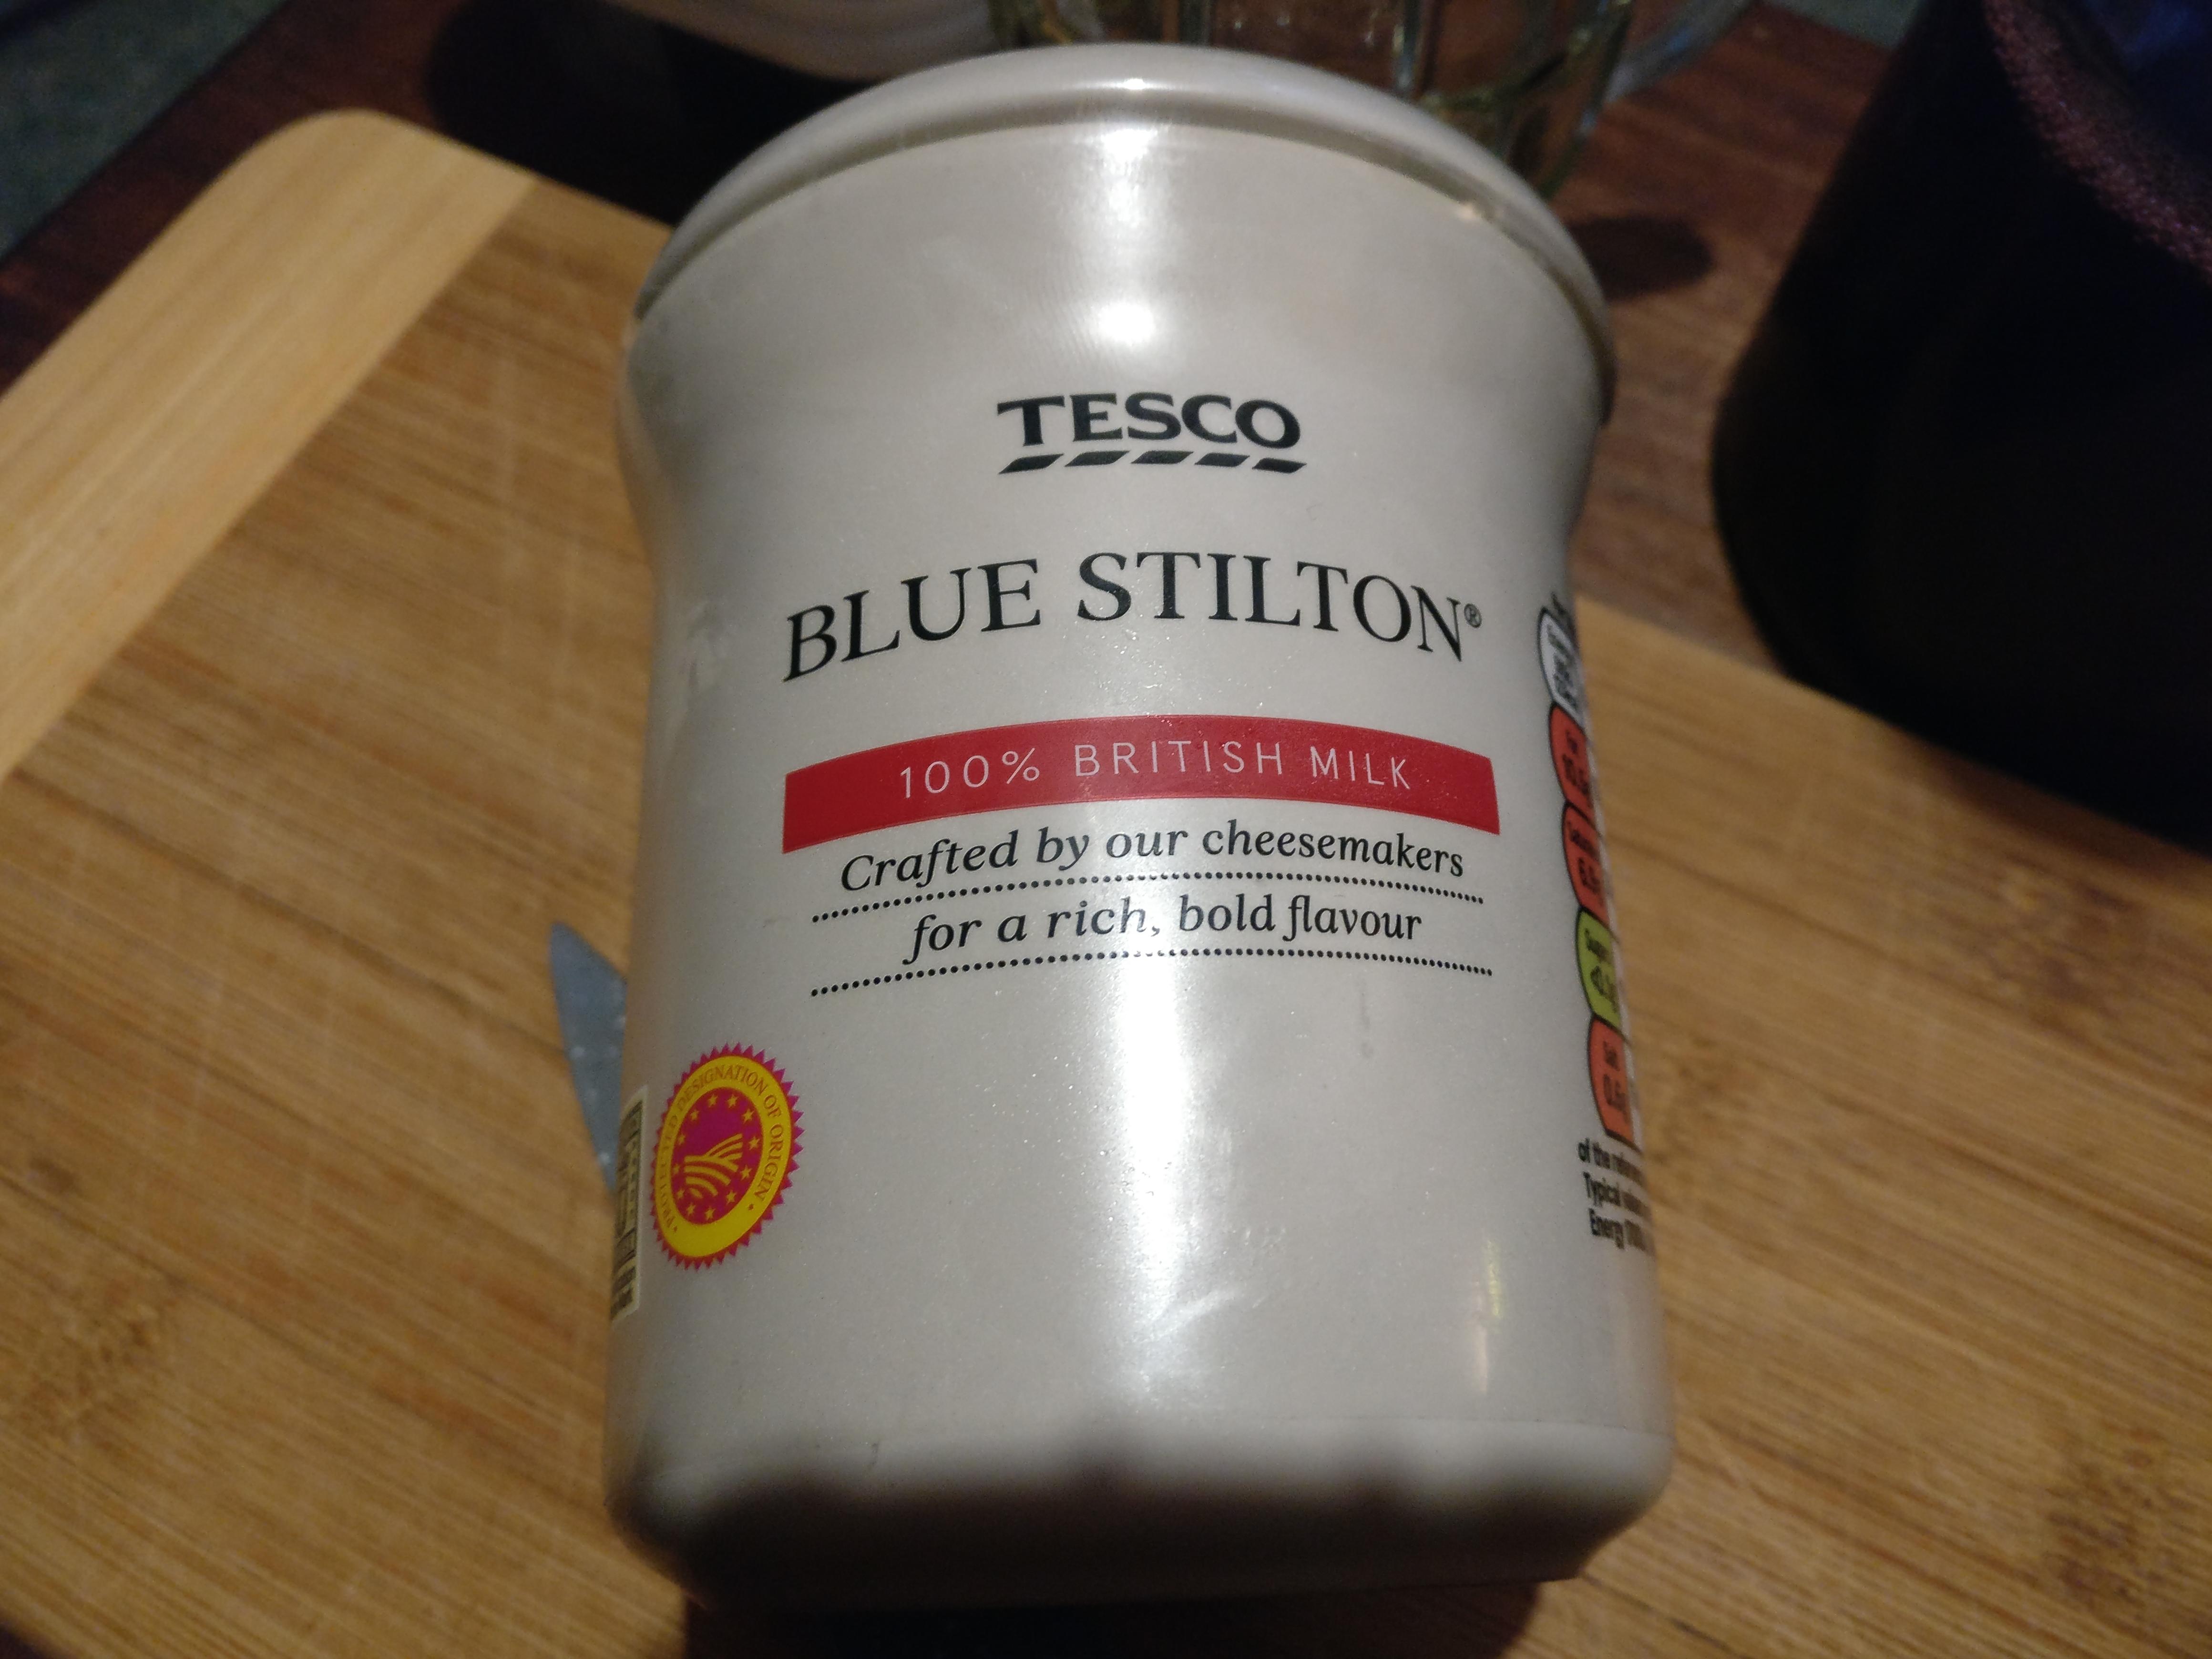 Tesco Blue Stilton